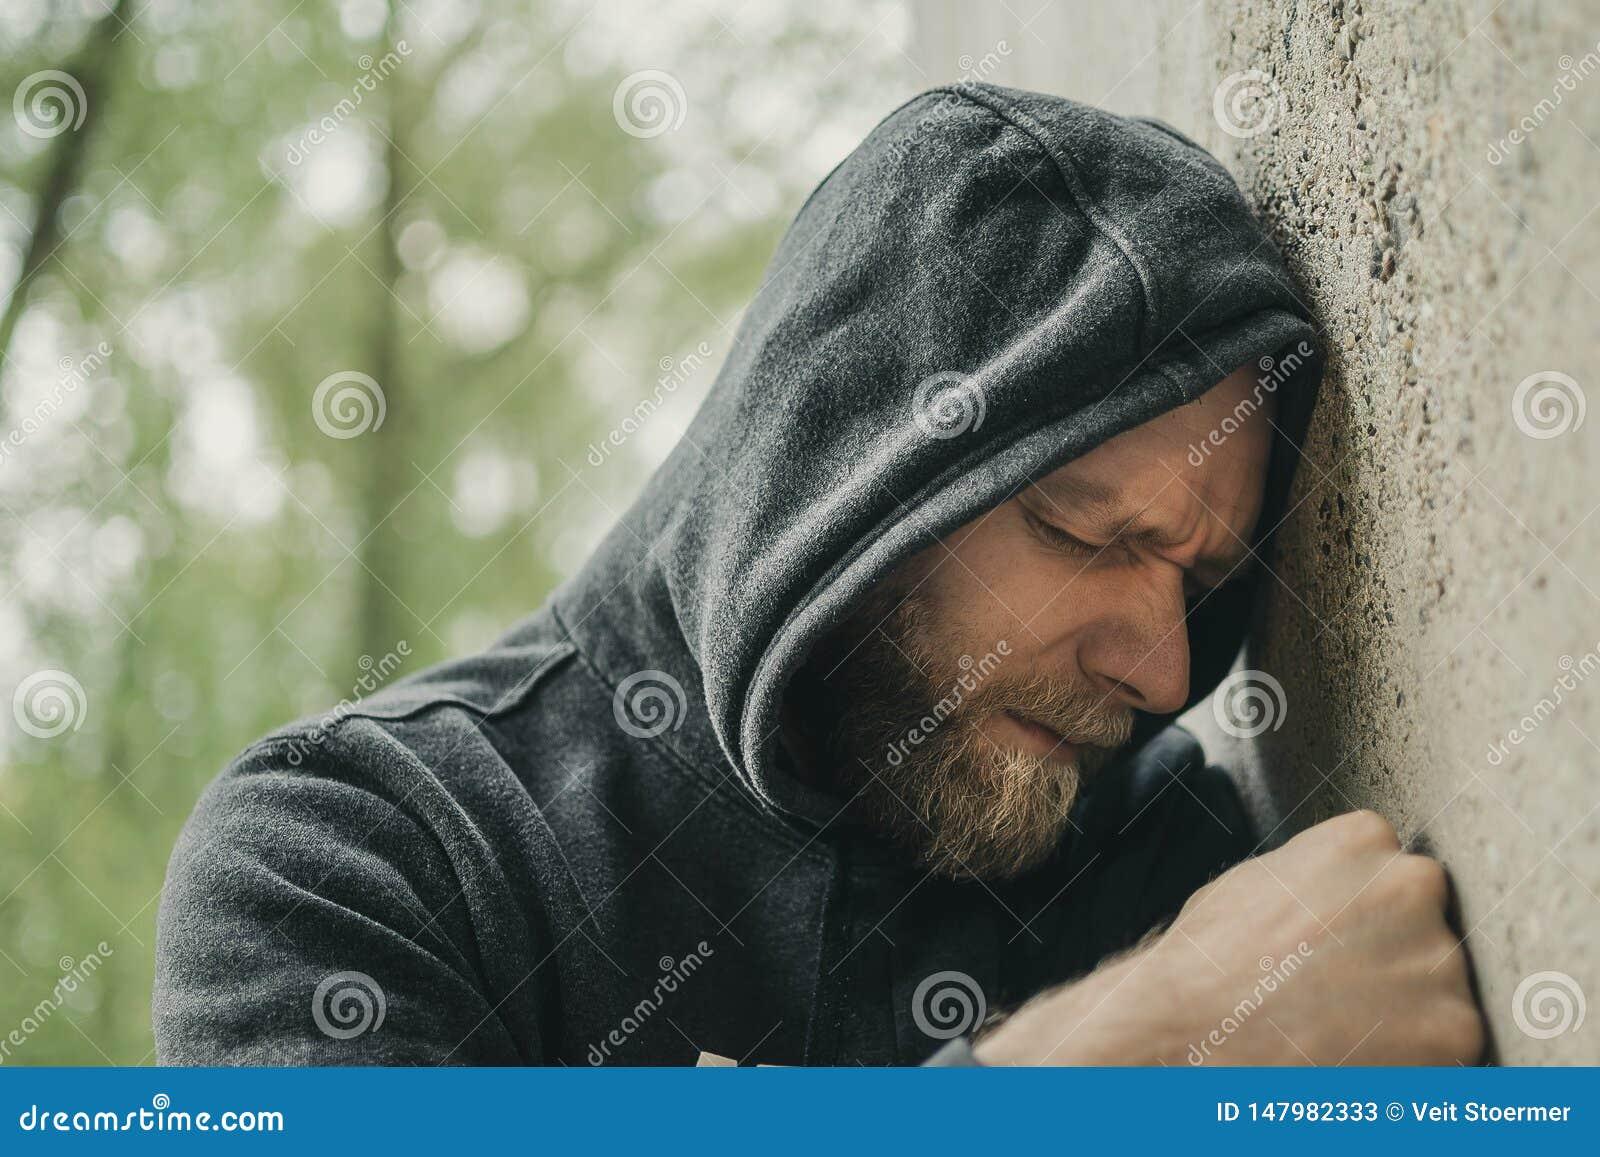 A sad man alone at the wall